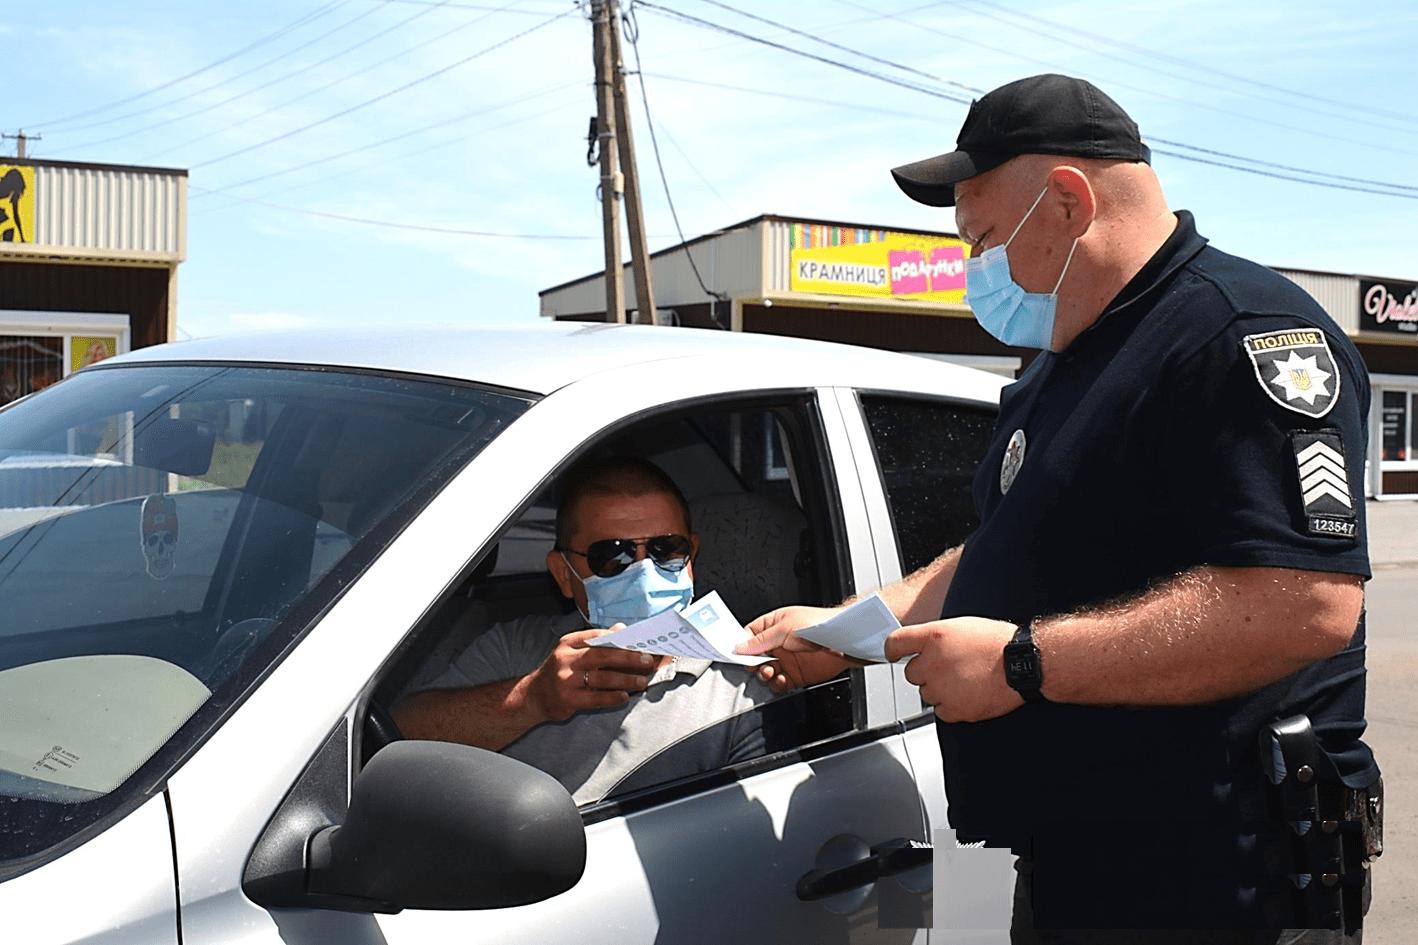 Должен ли водитель передавать документы в руки инспектора? - today.ua